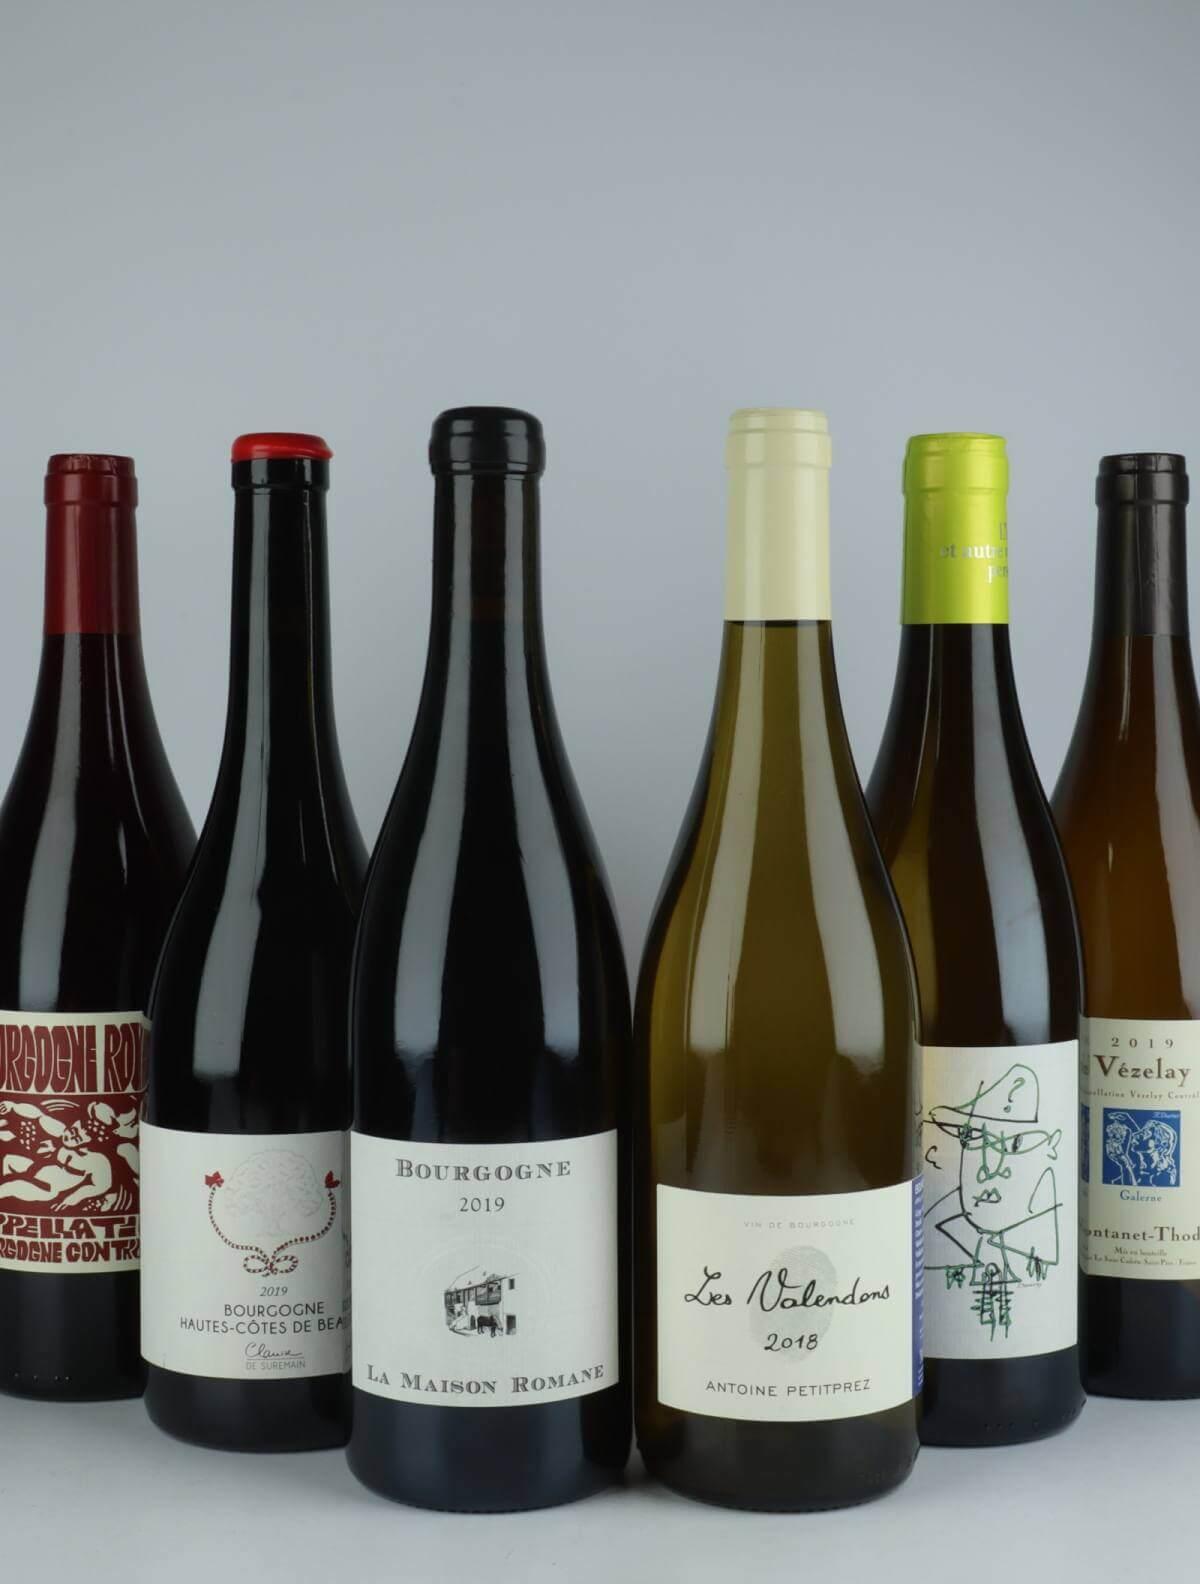 Blandet Bourgogne